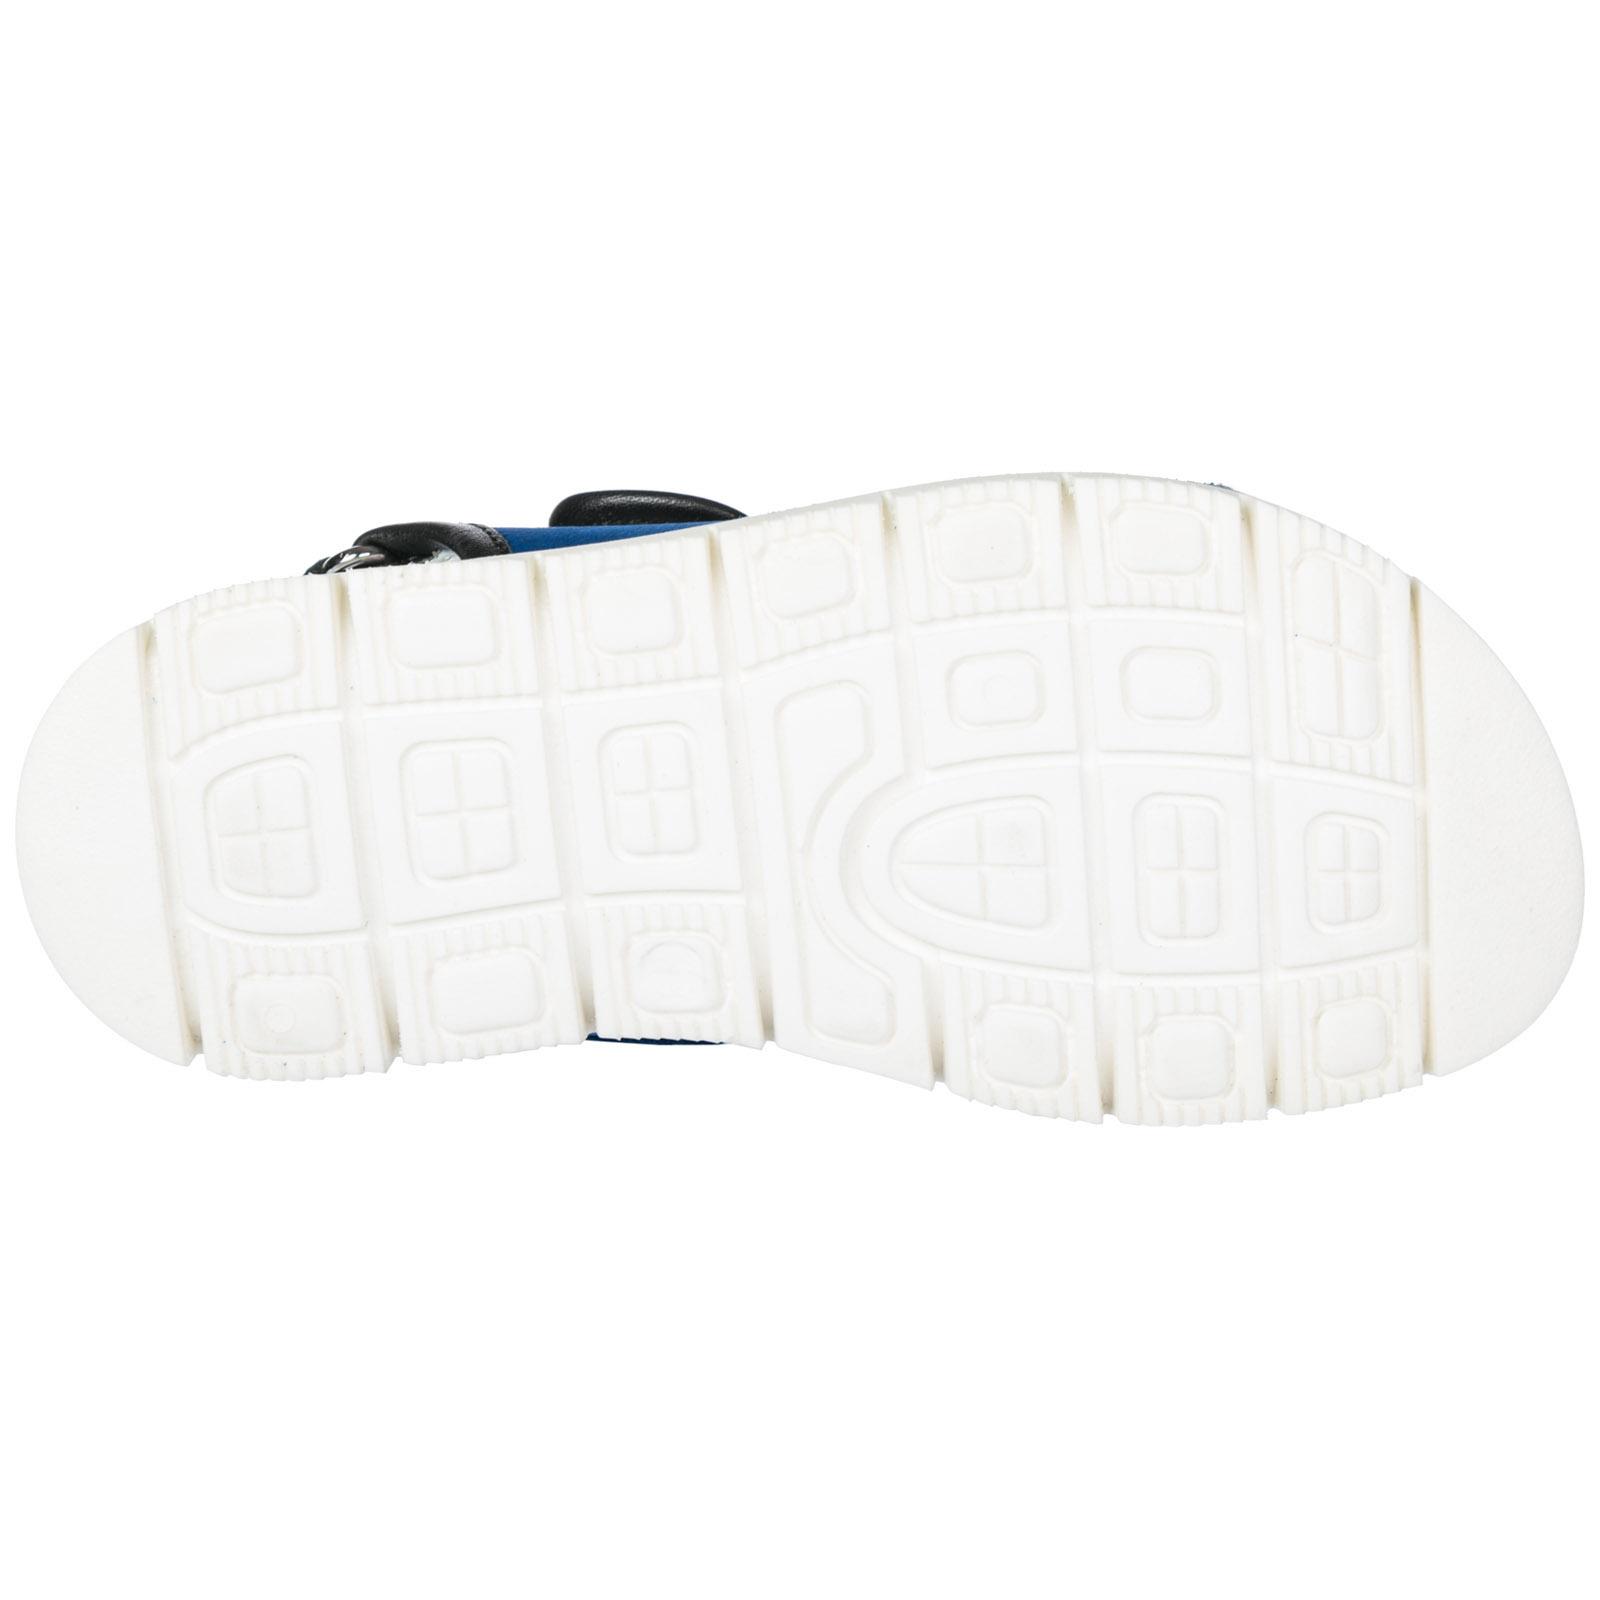 Sandals Hogan J326 Hxc X890g9t0kjz Blu